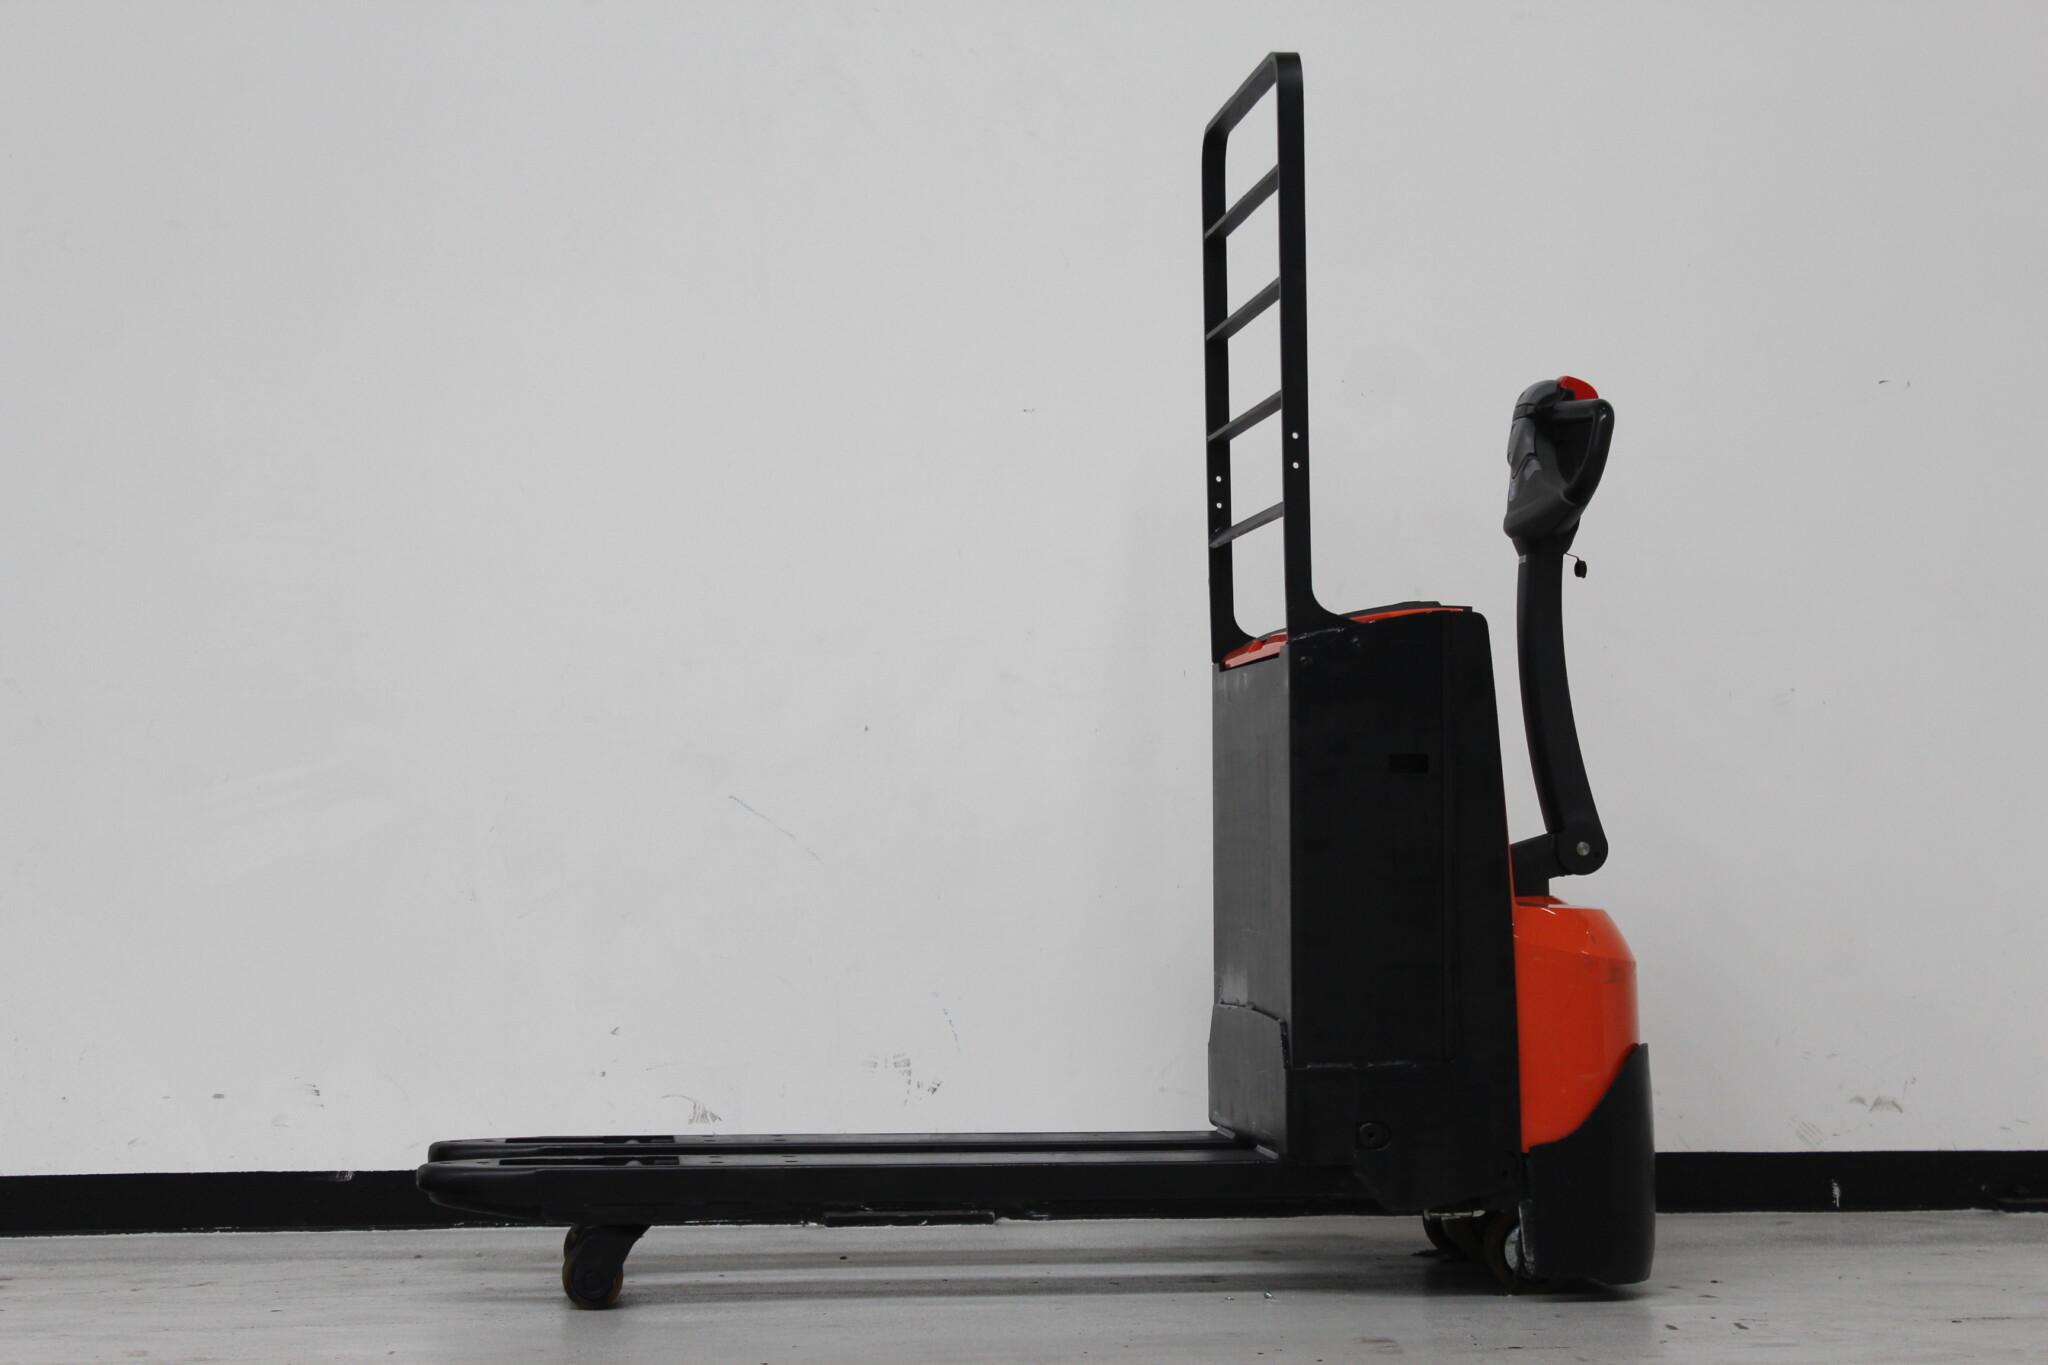 Toyota-Gabelstapler-59840 1605037343 1 scaled